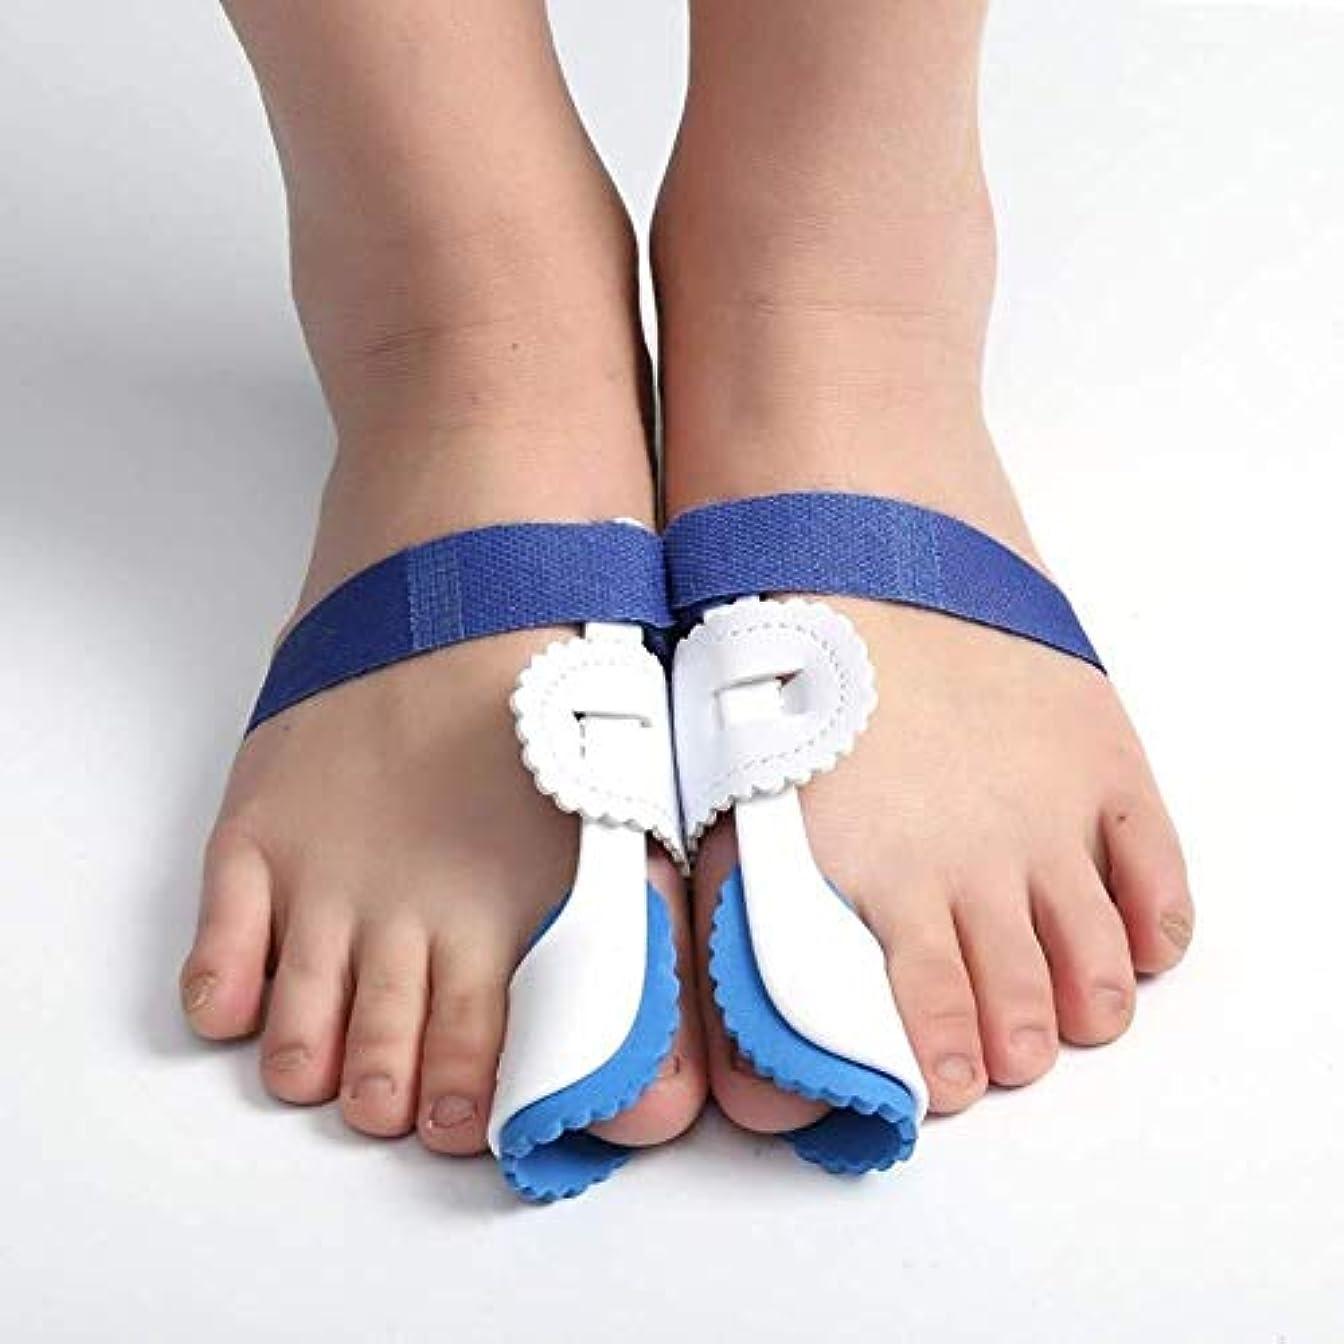 留まるレザー検証外反母趾装具ブレース外反母趾-Adjustableベルクロ足ストレイテナーのために足の親指の装具の足プロテクター、